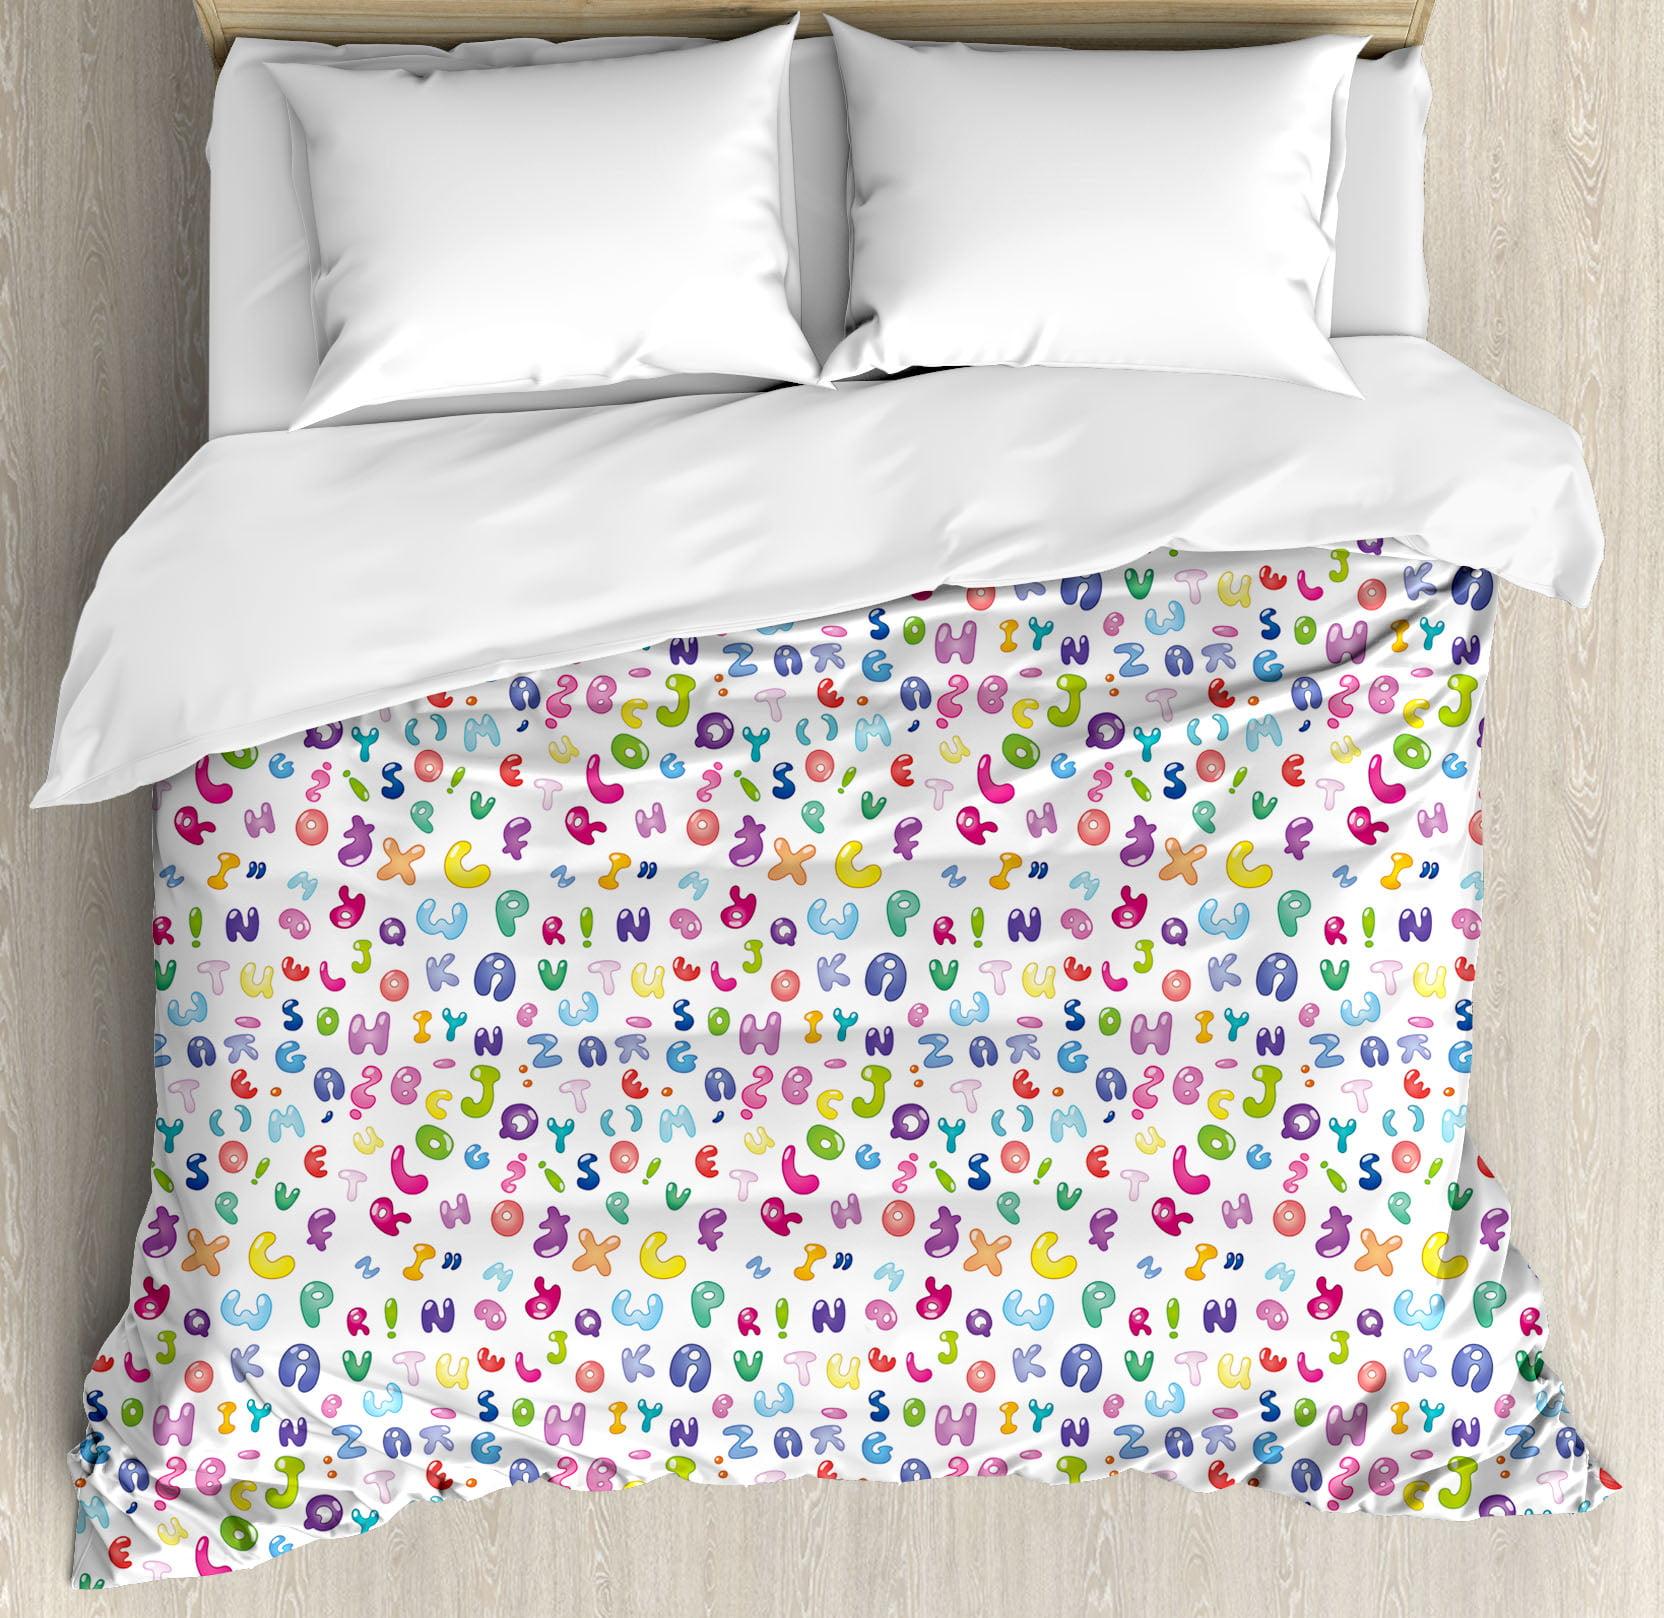 Kids Decor King Size Duvet Cover Set, Cute Colorful Alpha...